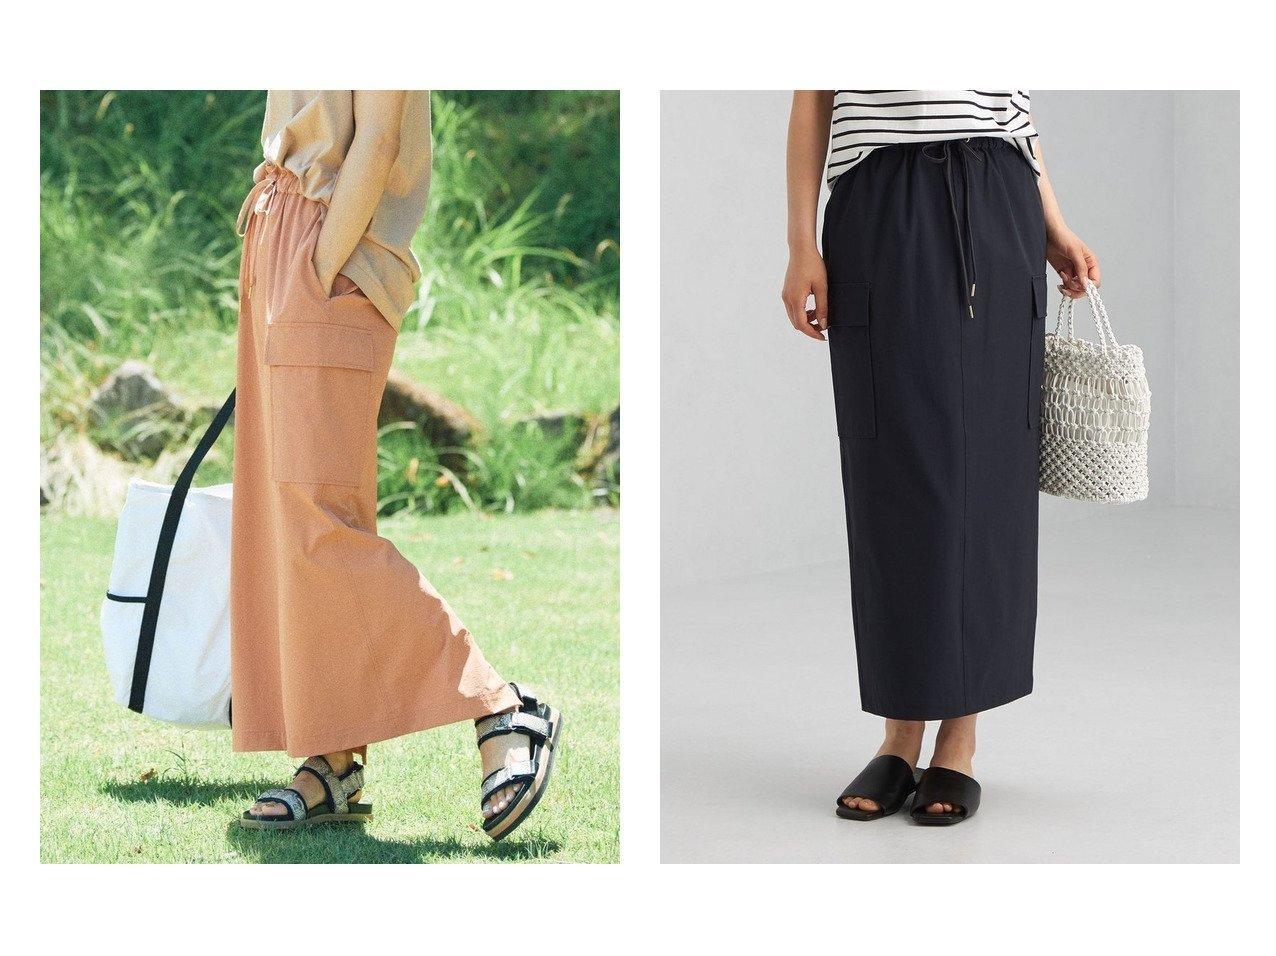 【green label relaxing / UNITED ARROWS/グリーンレーベル リラクシング / ユナイテッドアローズ】のハッスイ UV イージー カーゴ スカート -撥水 UVカット- 【スカート】おすすめ!人気、トレンド・レディースファッションの通販  おすすめで人気の流行・トレンド、ファッションの通販商品 インテリア・家具・メンズファッション・キッズファッション・レディースファッション・服の通販 founy(ファニー) https://founy.com/ ファッション Fashion レディースファッション WOMEN スカート Skirt ロングスカート Long Skirt シューズ スリット フラット リラックス ロング おすすめ Recommend 夏 Summer  ID:crp329100000062287